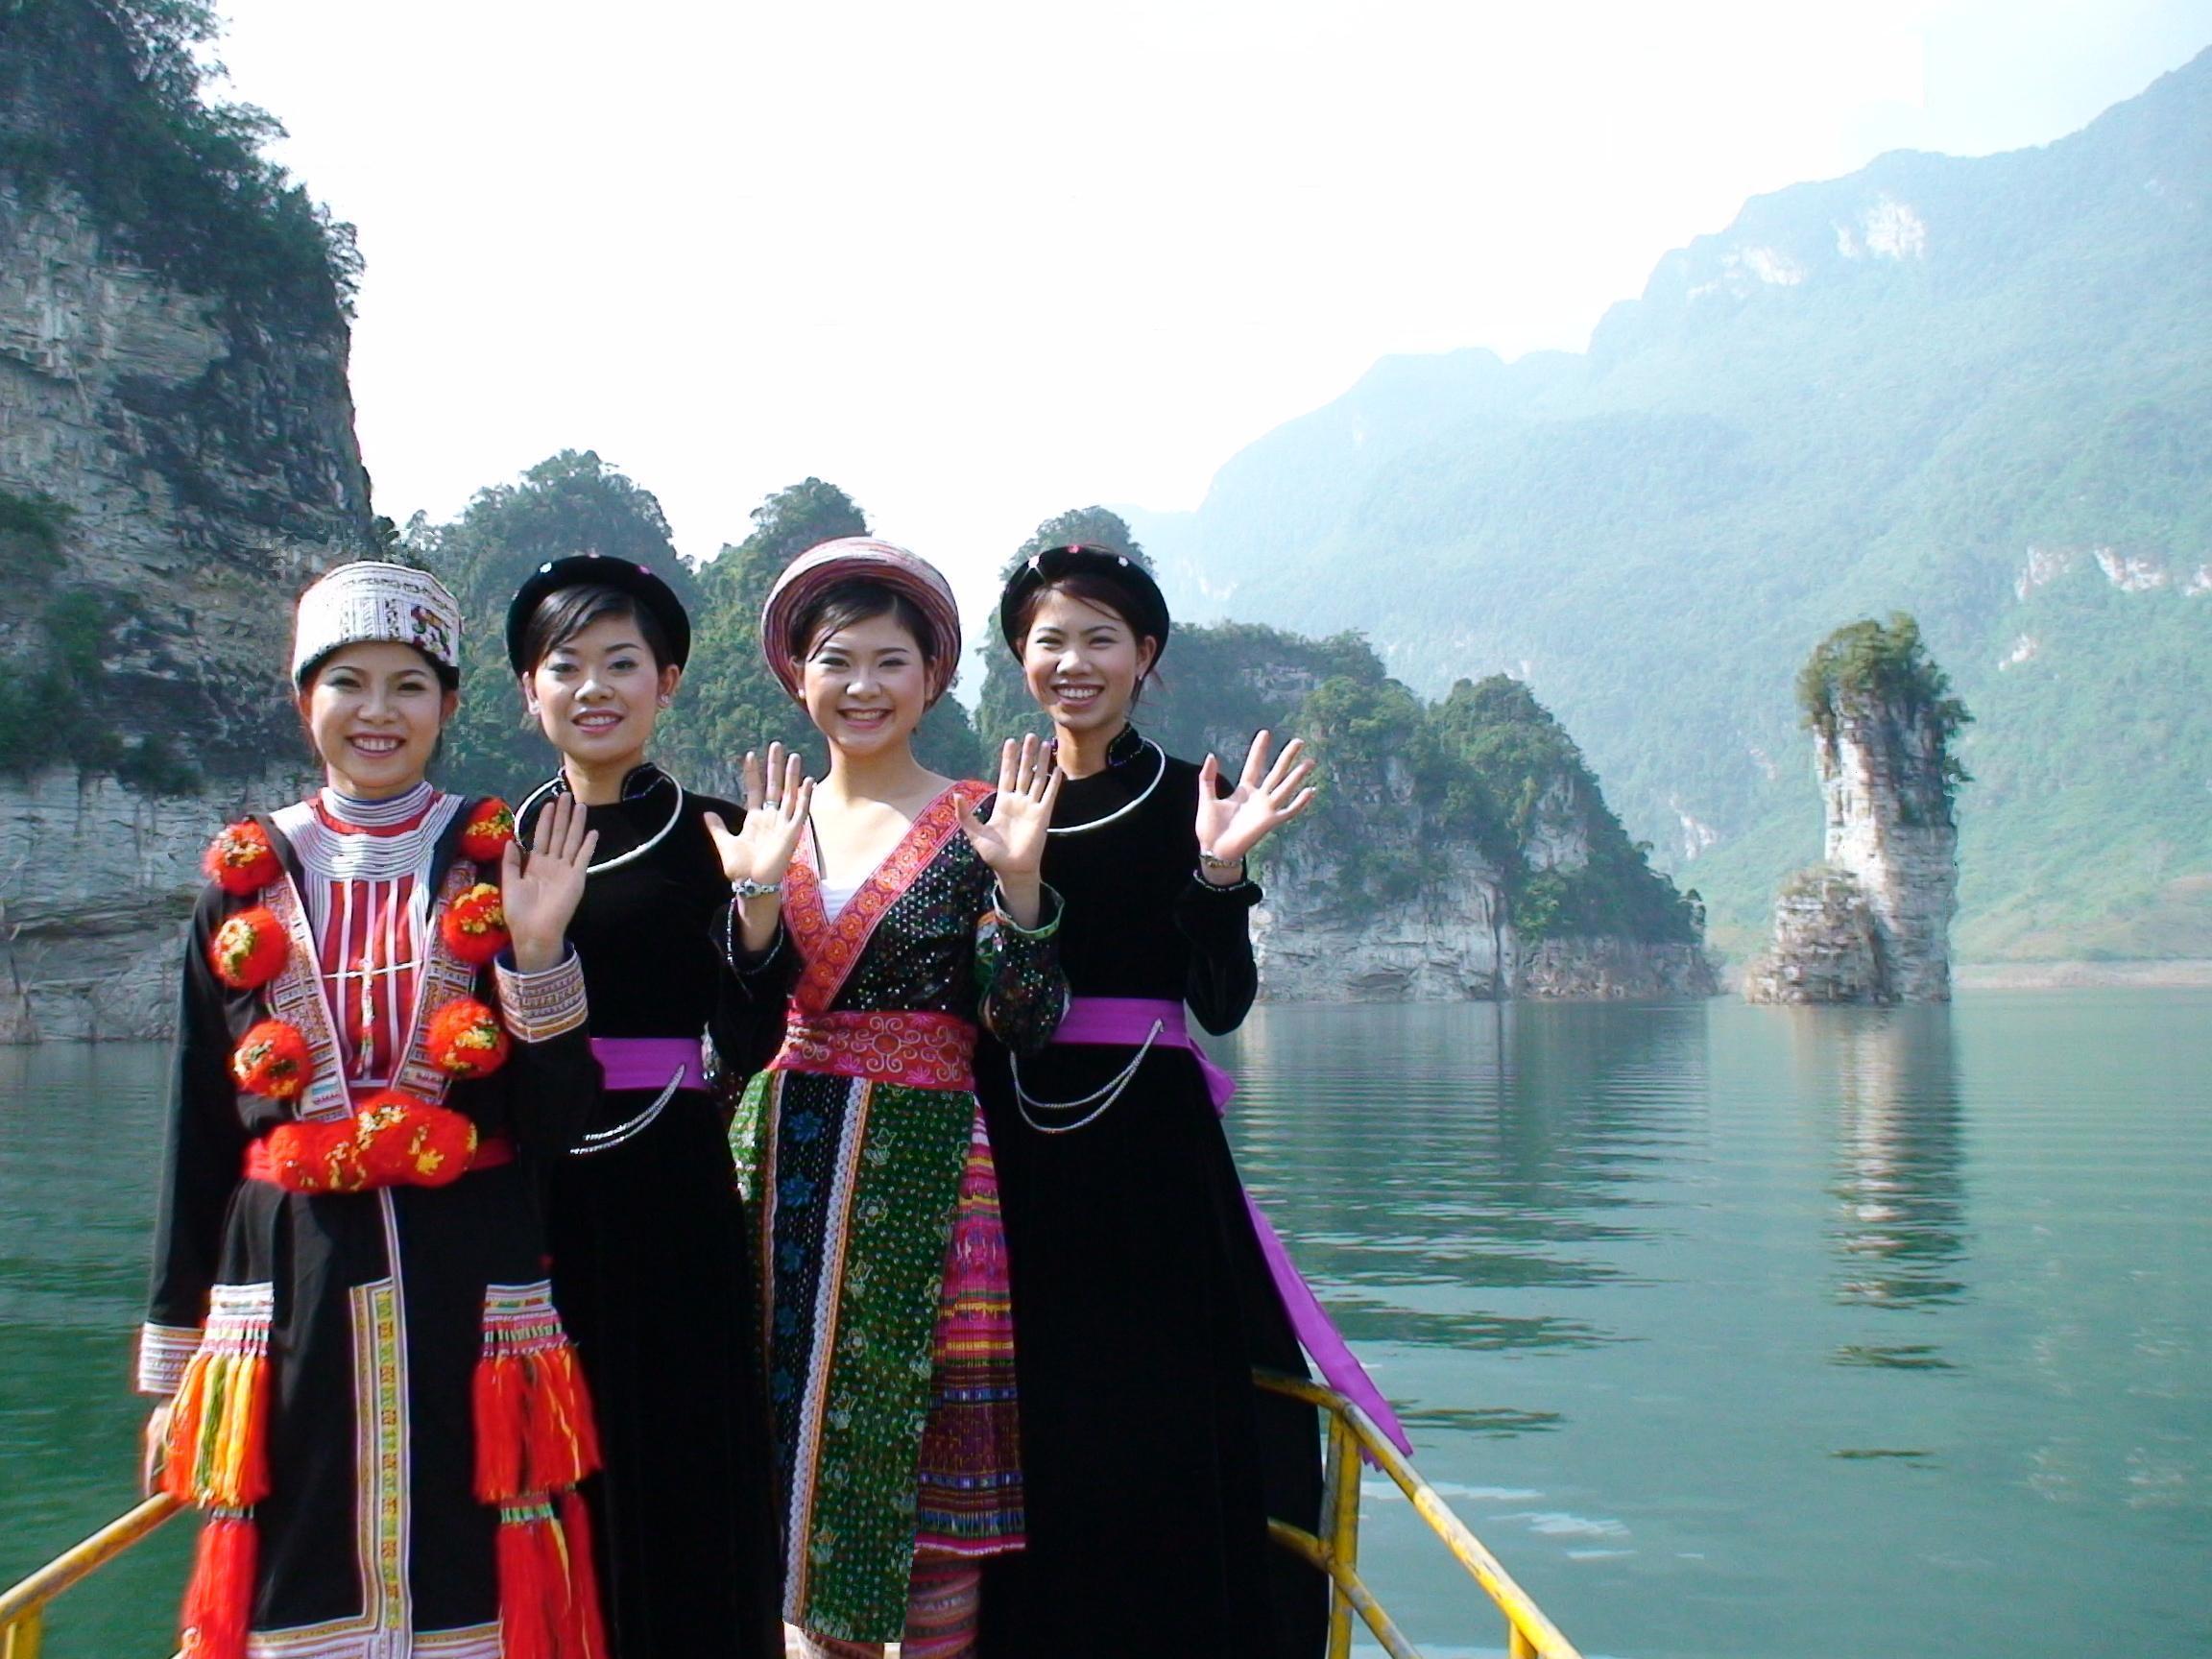 Các cô gái dân tộc trong mùa lễ hội